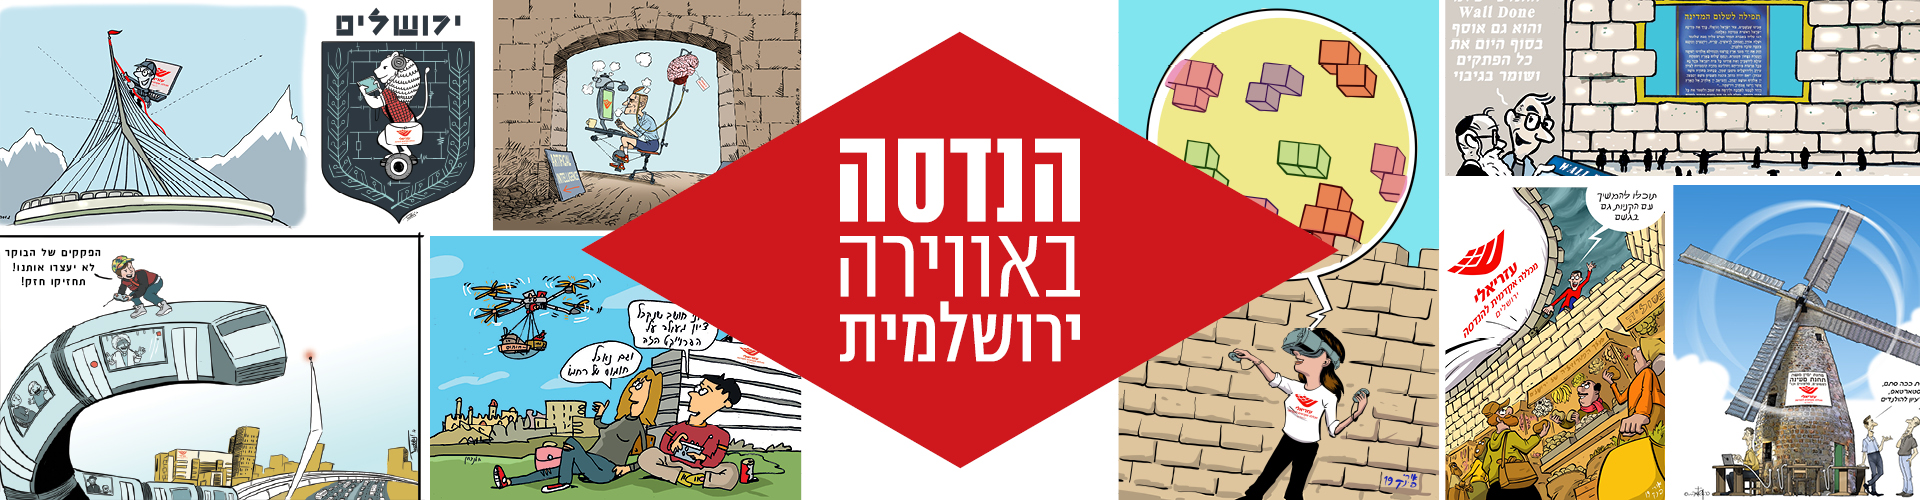 """מאיירים את ירושלים: """"הנדסה באווירה ירושלמית"""""""